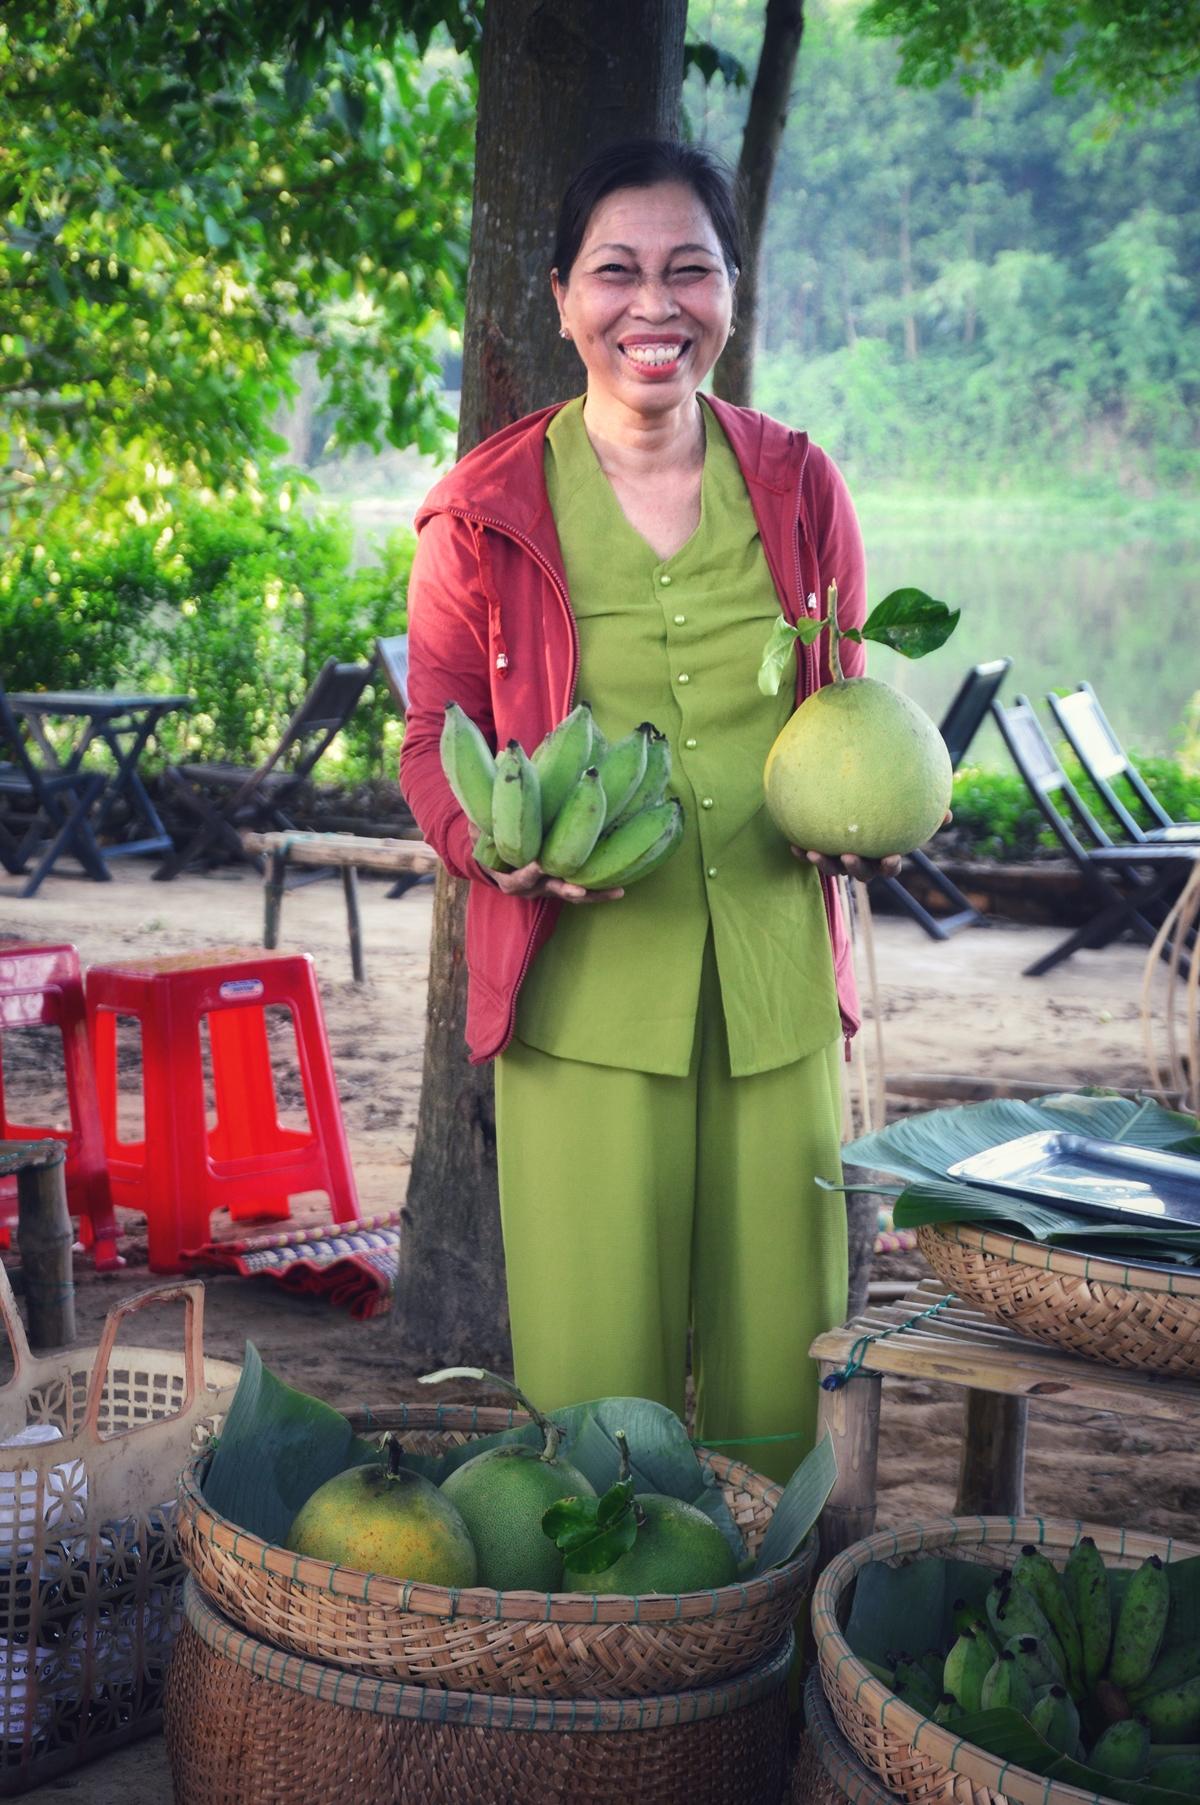 Nét dân dã ở phiên chợ Hương xưa làng cổ - 6